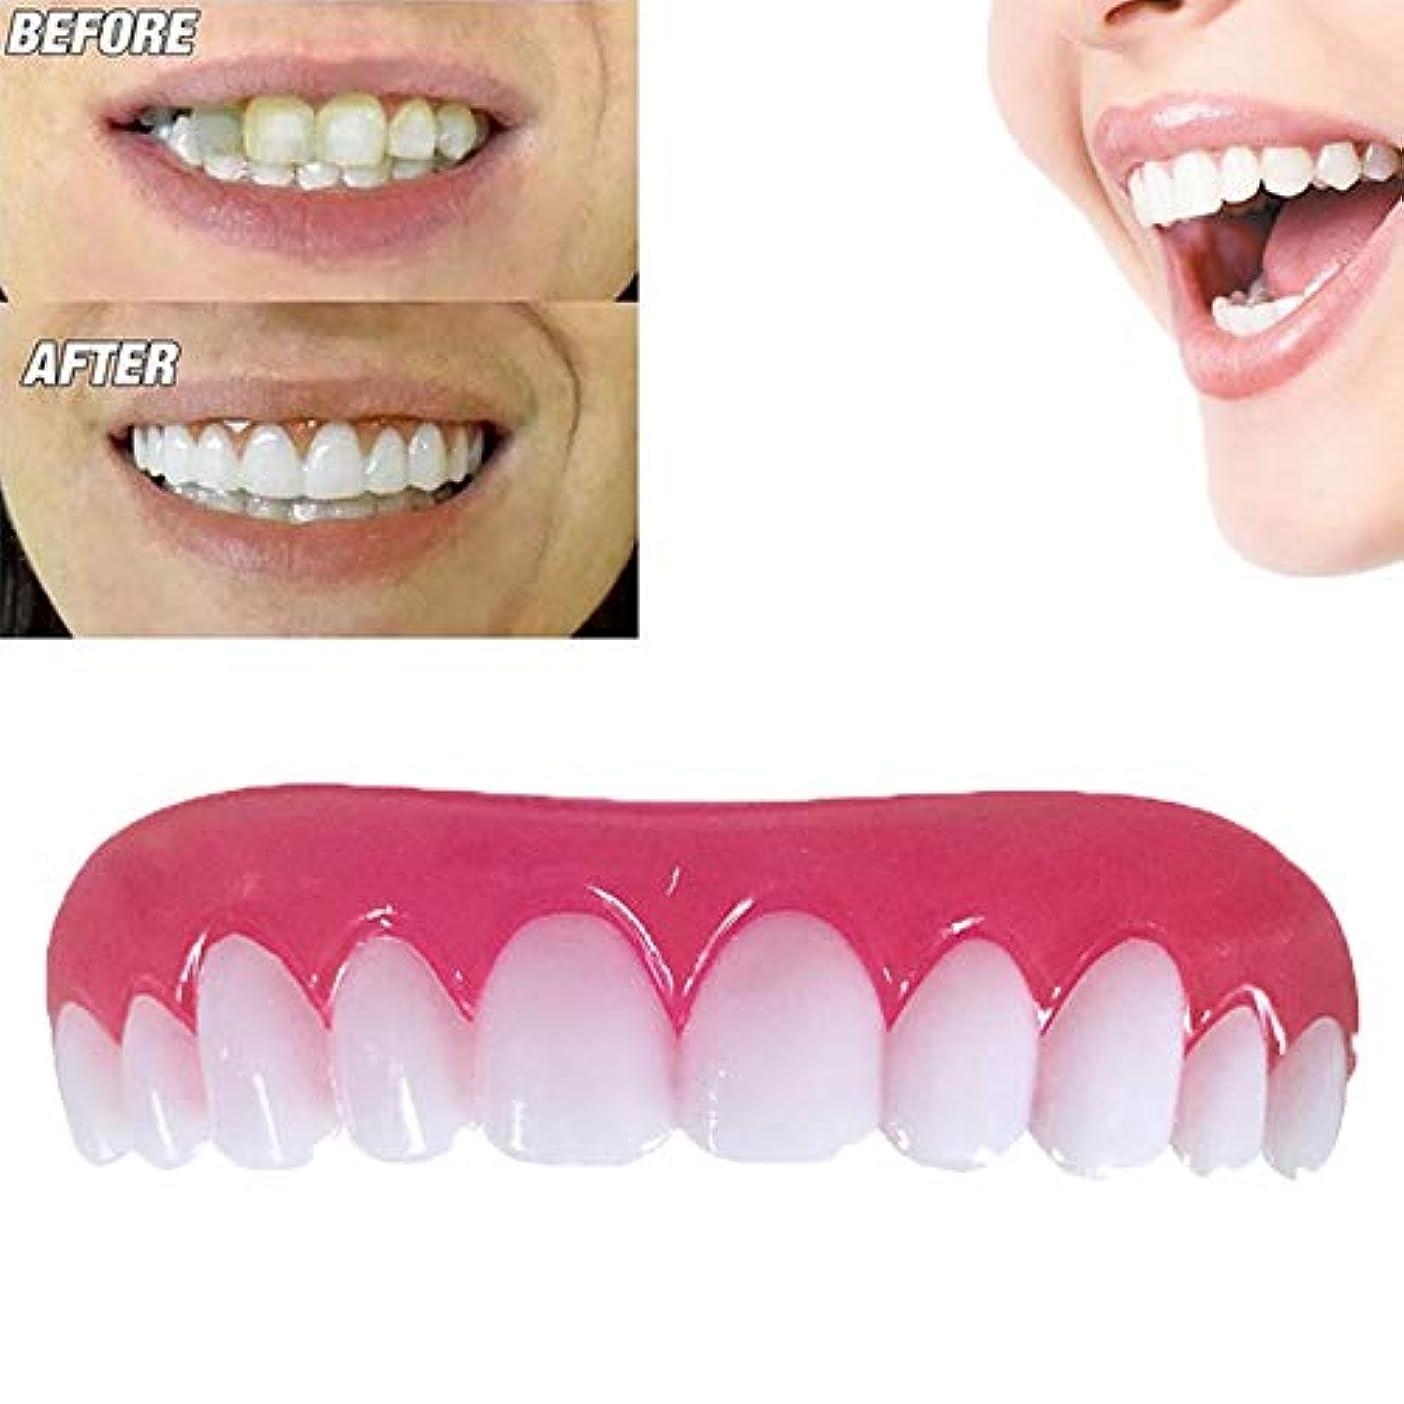 混雑ドラゴン大騒ぎ義歯化粧品歯、4個美容歯科ボタンアメージングスマイル快適な柔らかい歯科突き板歯科化粧品ステッカー